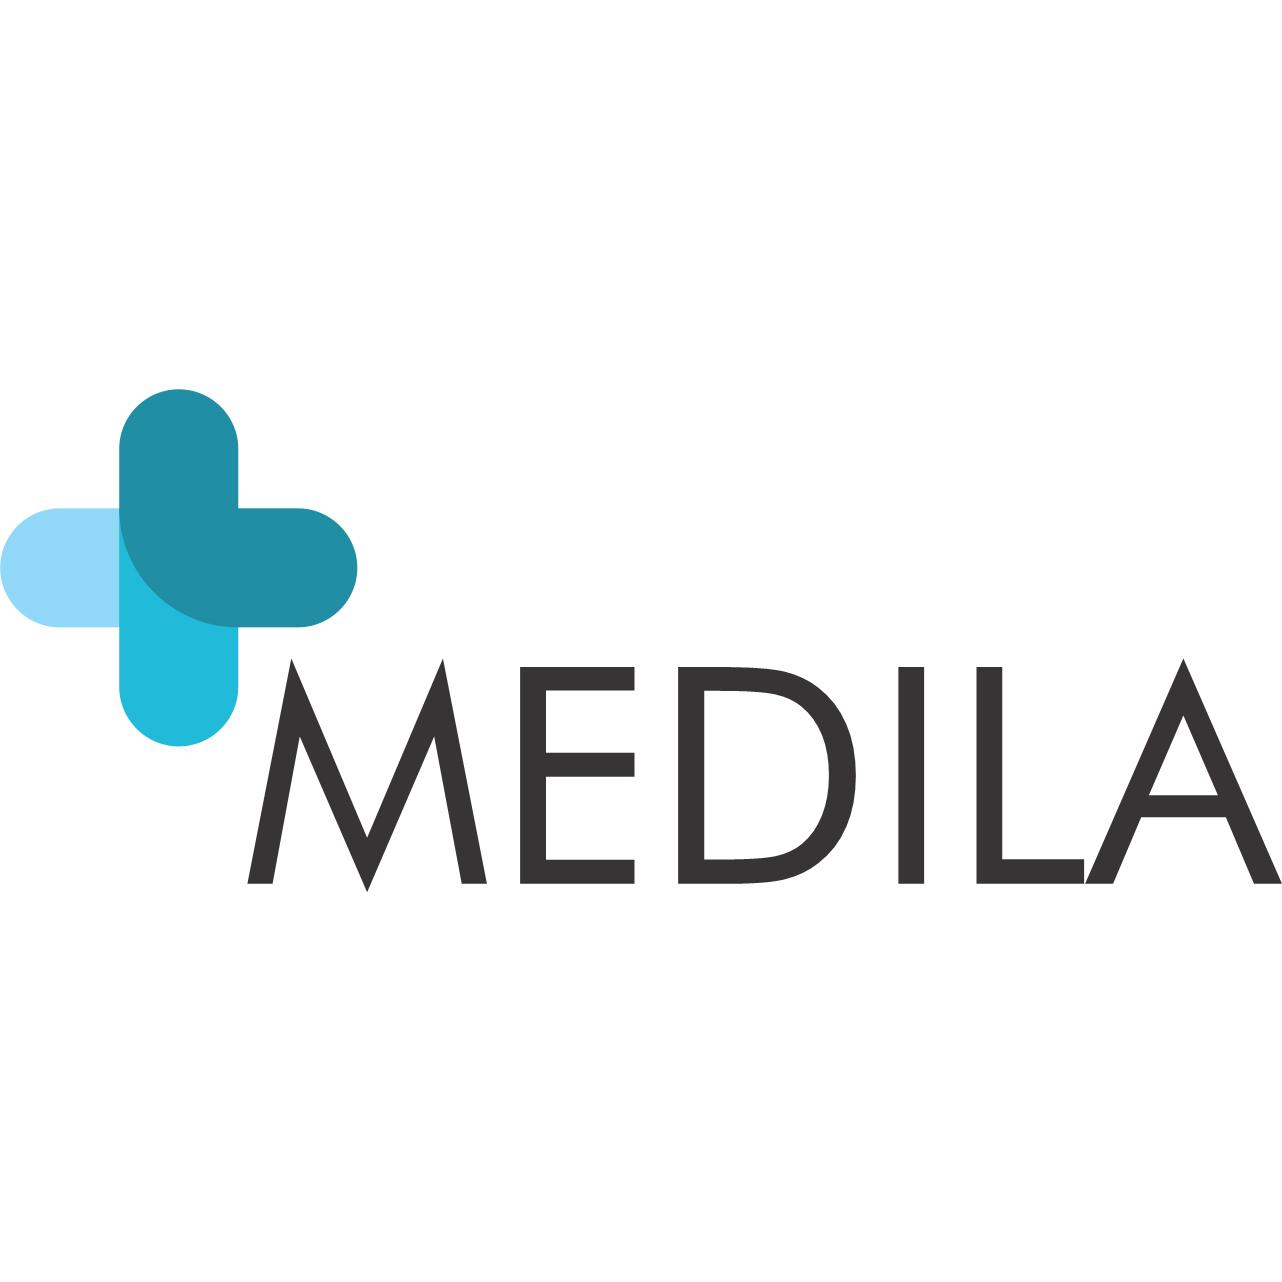 Medila